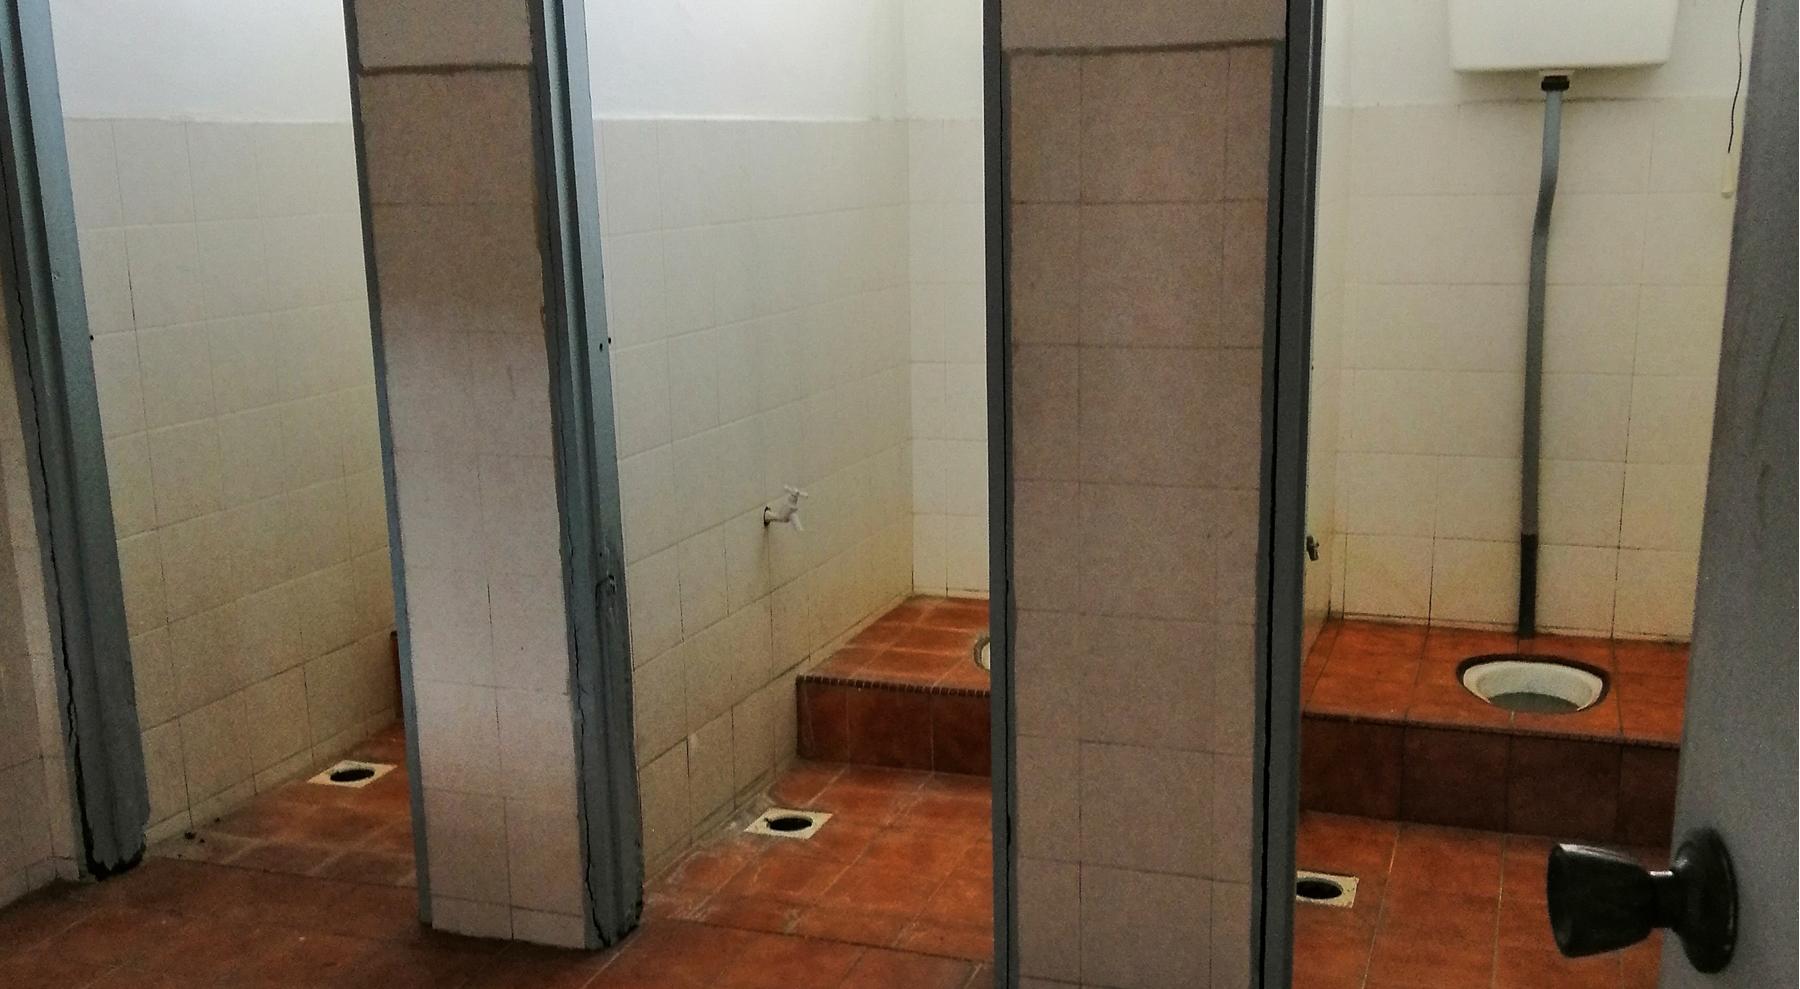 FF Washroom